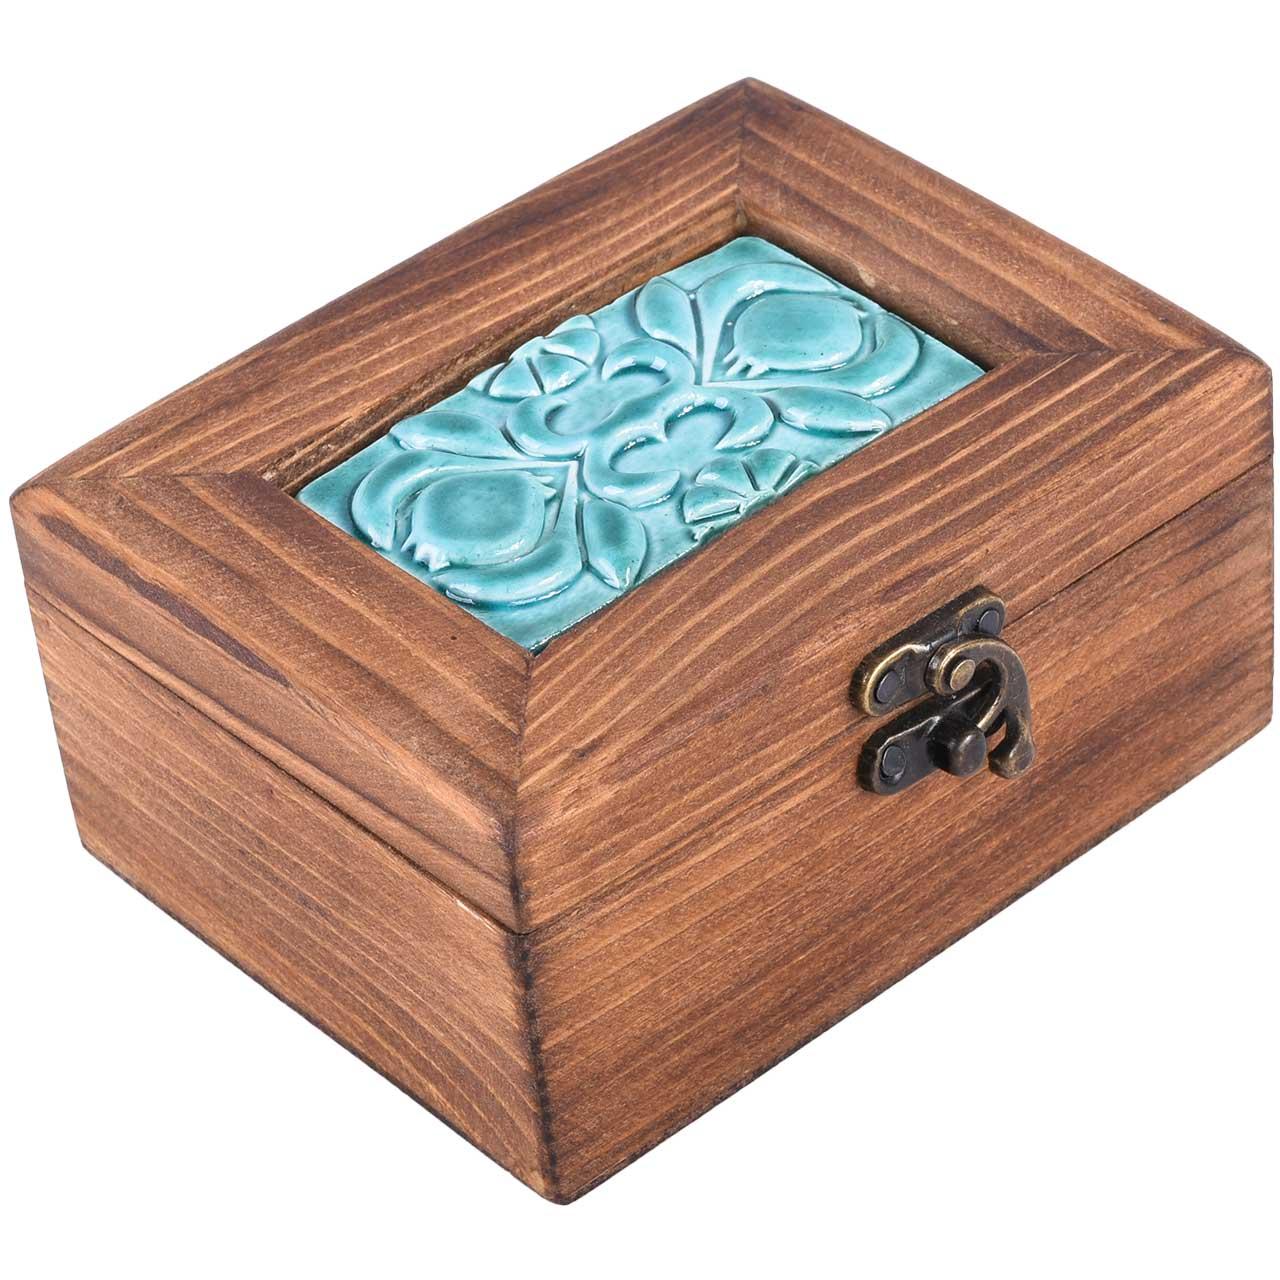 عکس جعبه هدیه طرح گل انار کد 03-11